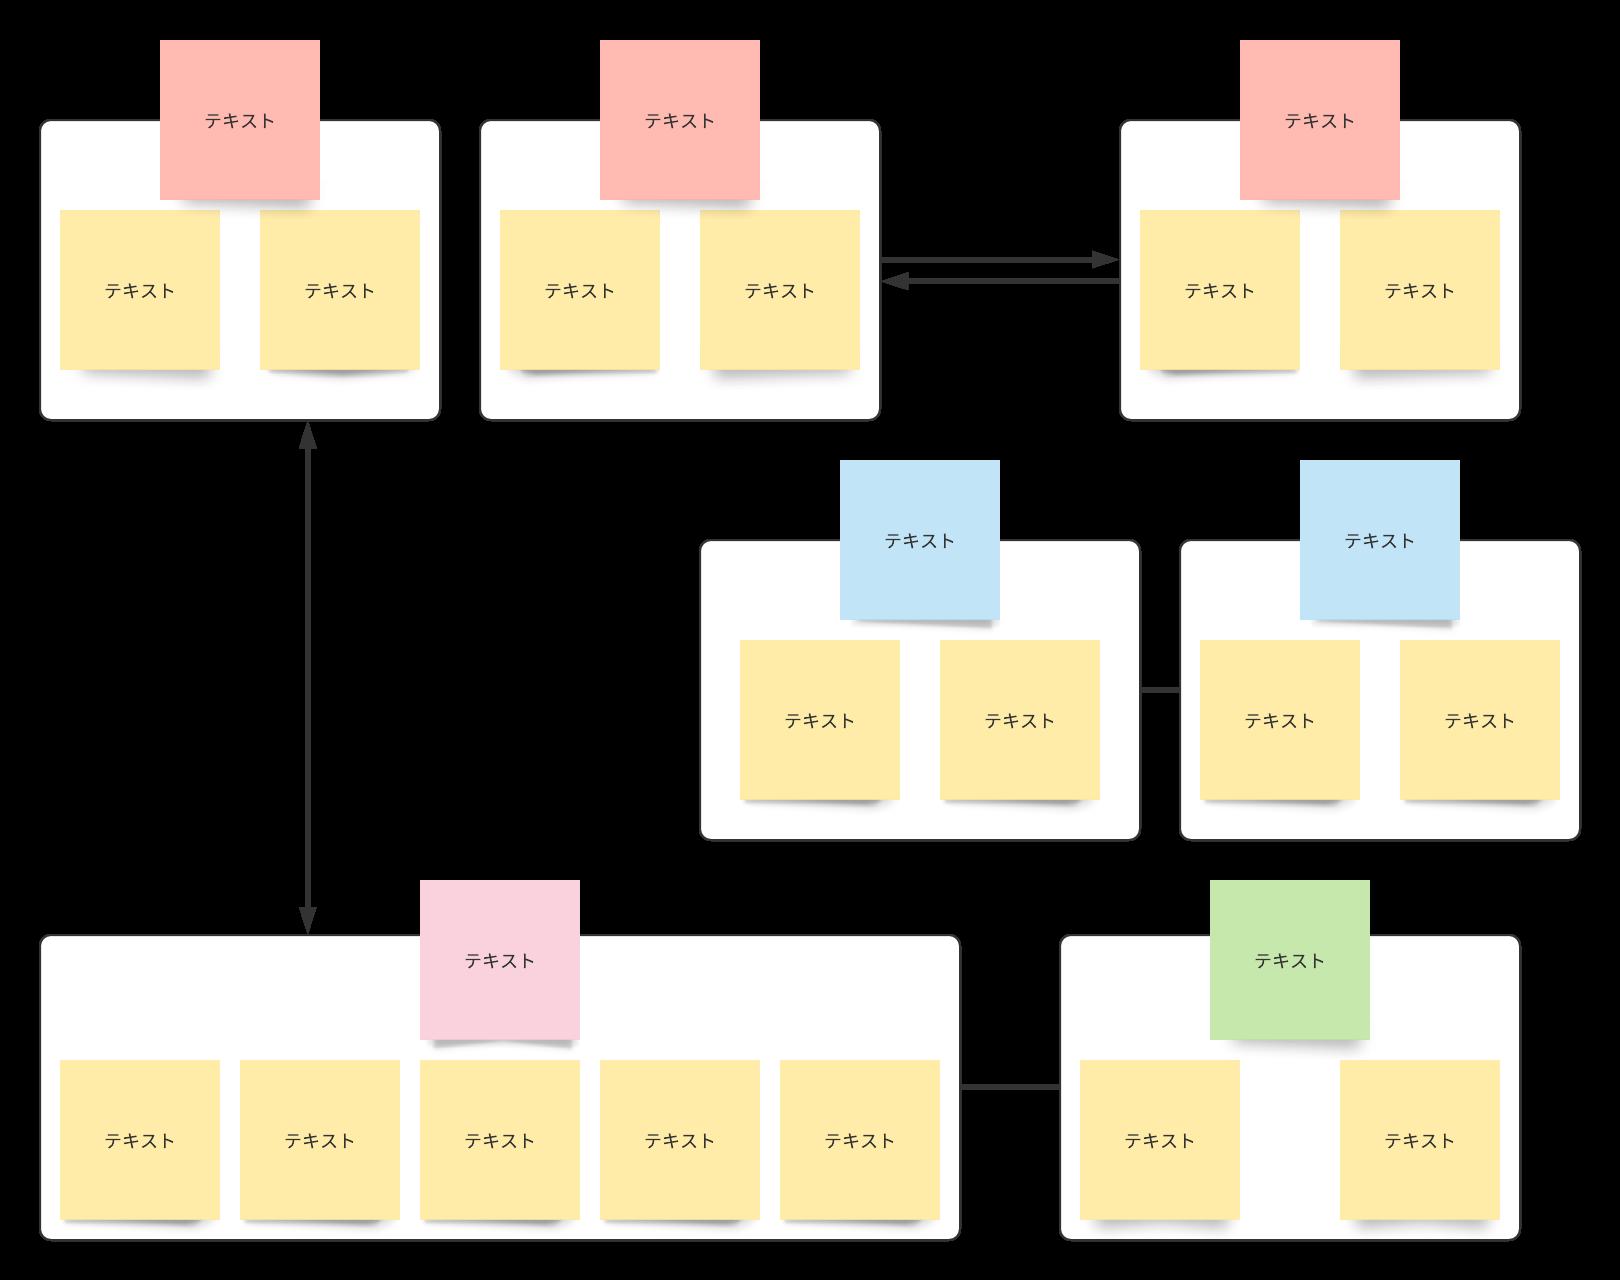 ブレインストーミングのアイデア整理に使えるKJ法とは?